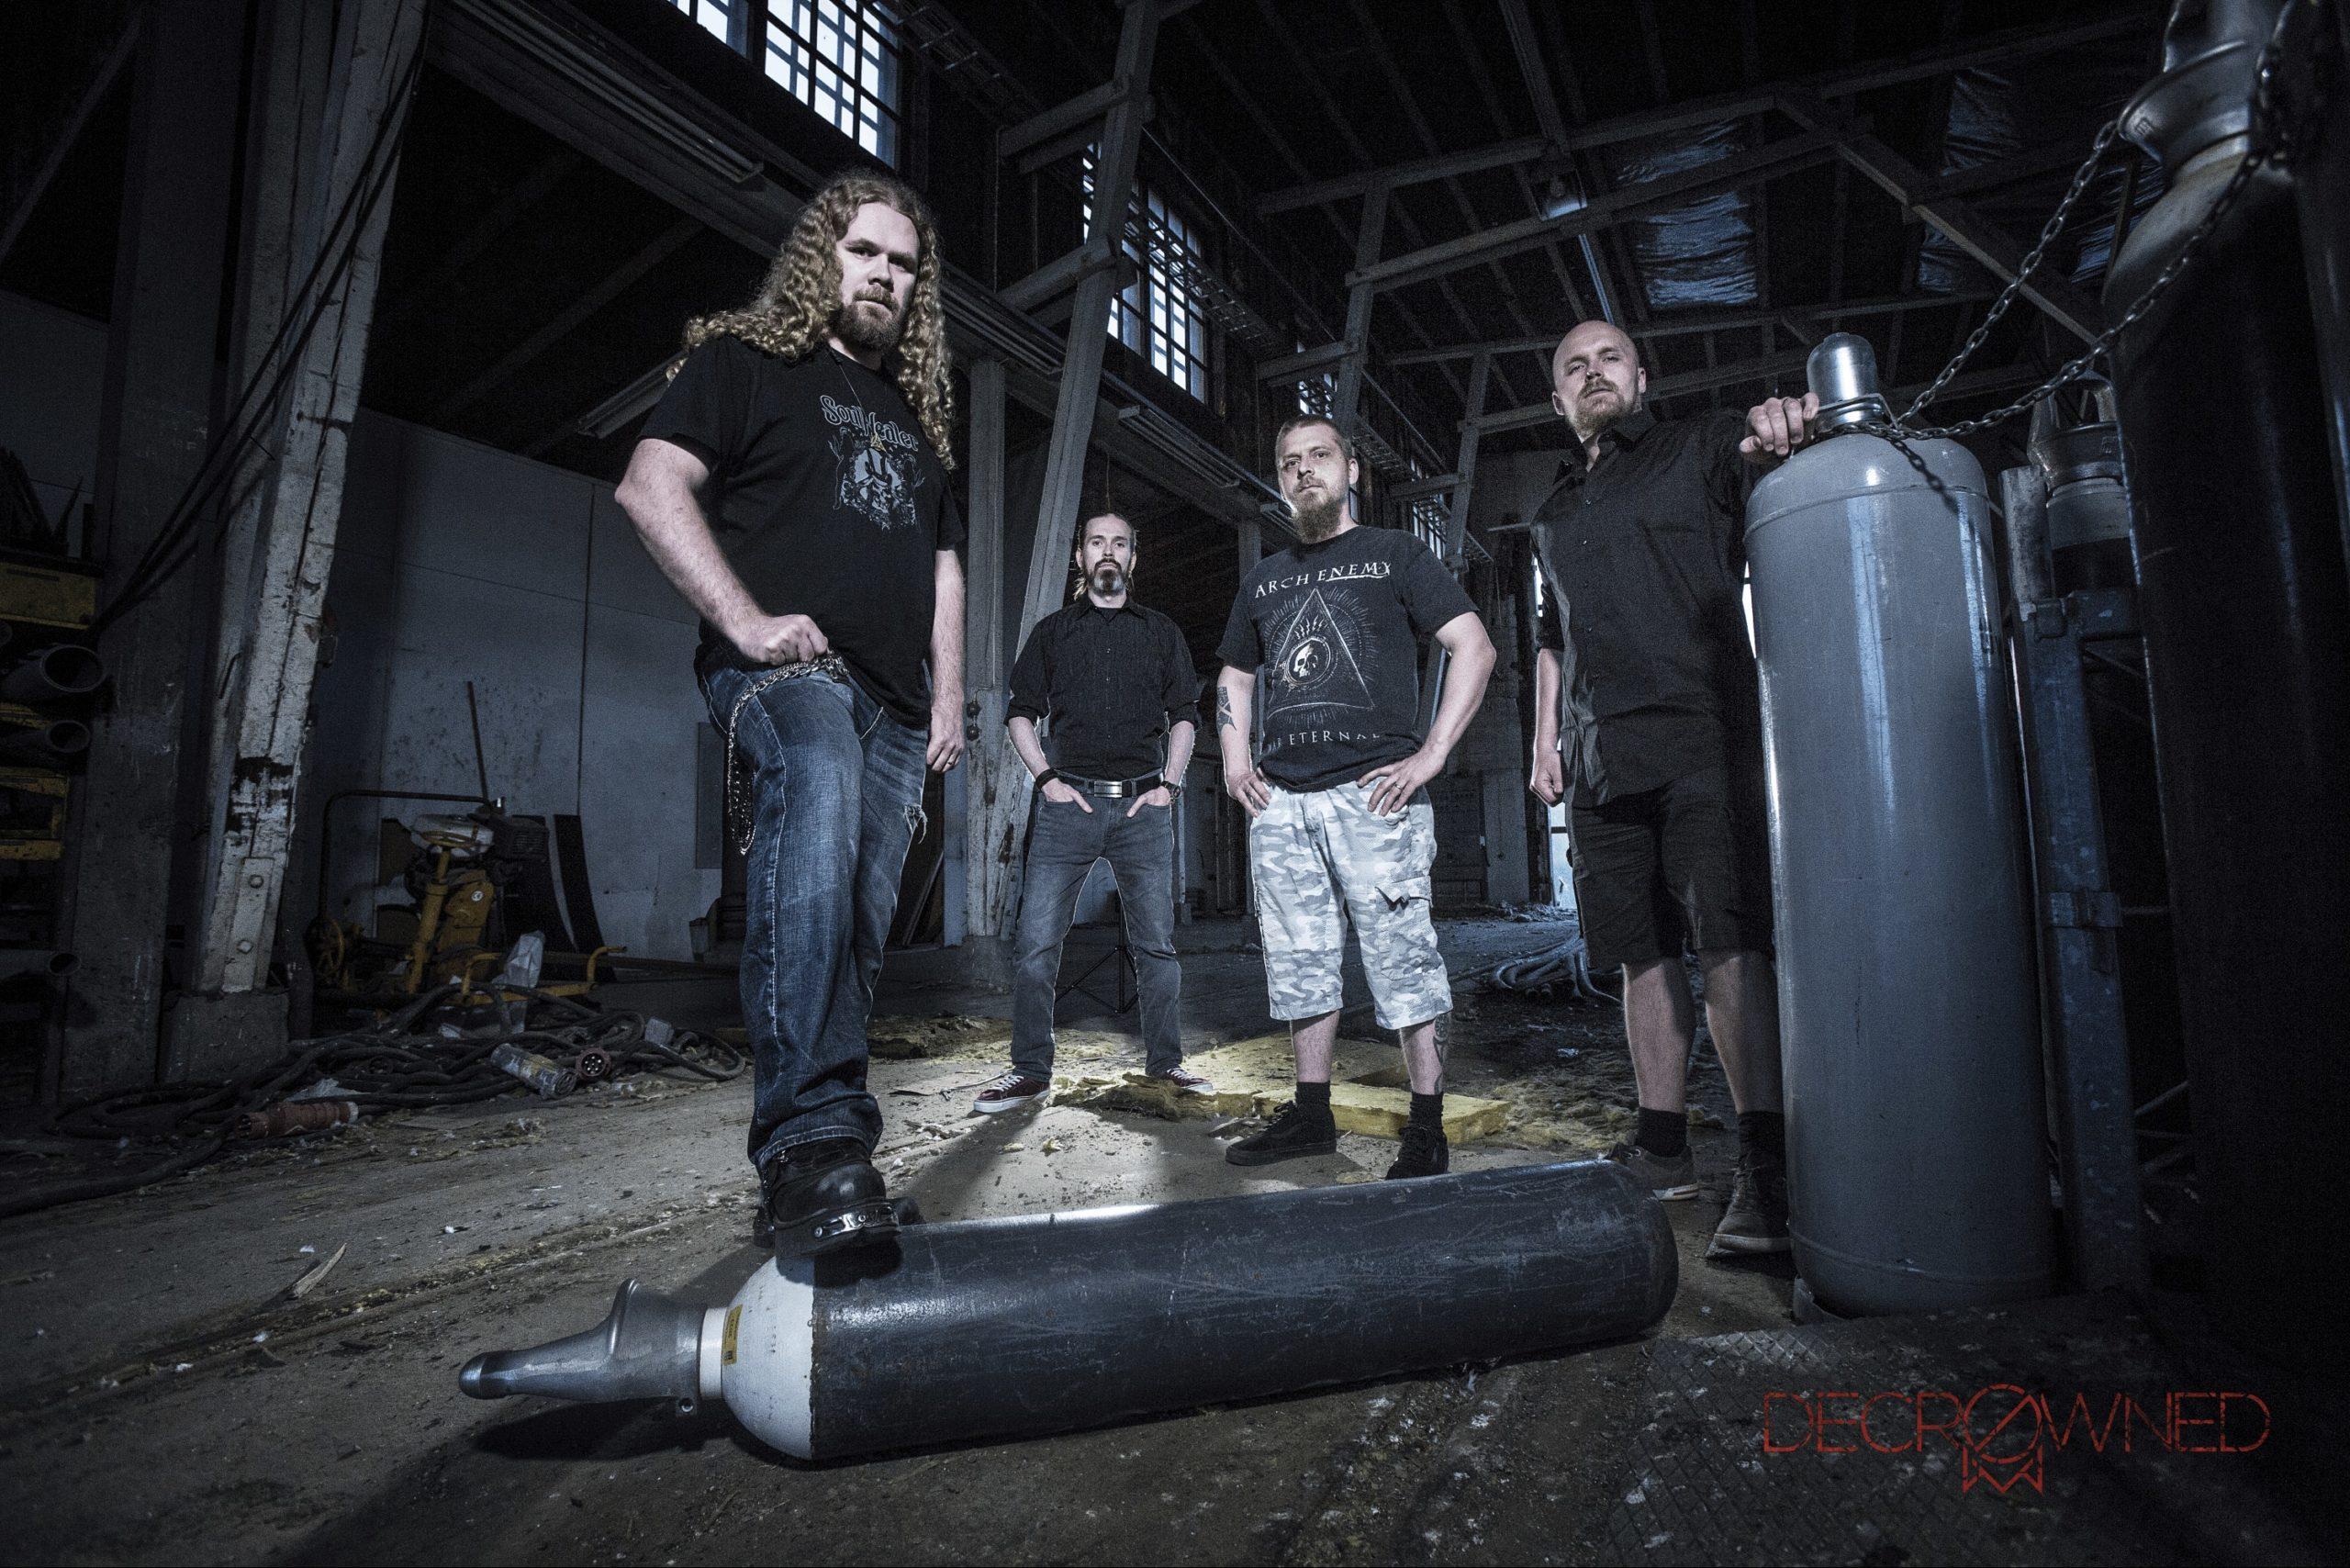 Julkaisuvuosi polkaistiin käyntiin myös Joensuussa, ennakkokuuntelussa Decrowned-yhtyeen `Dreamland`-single...